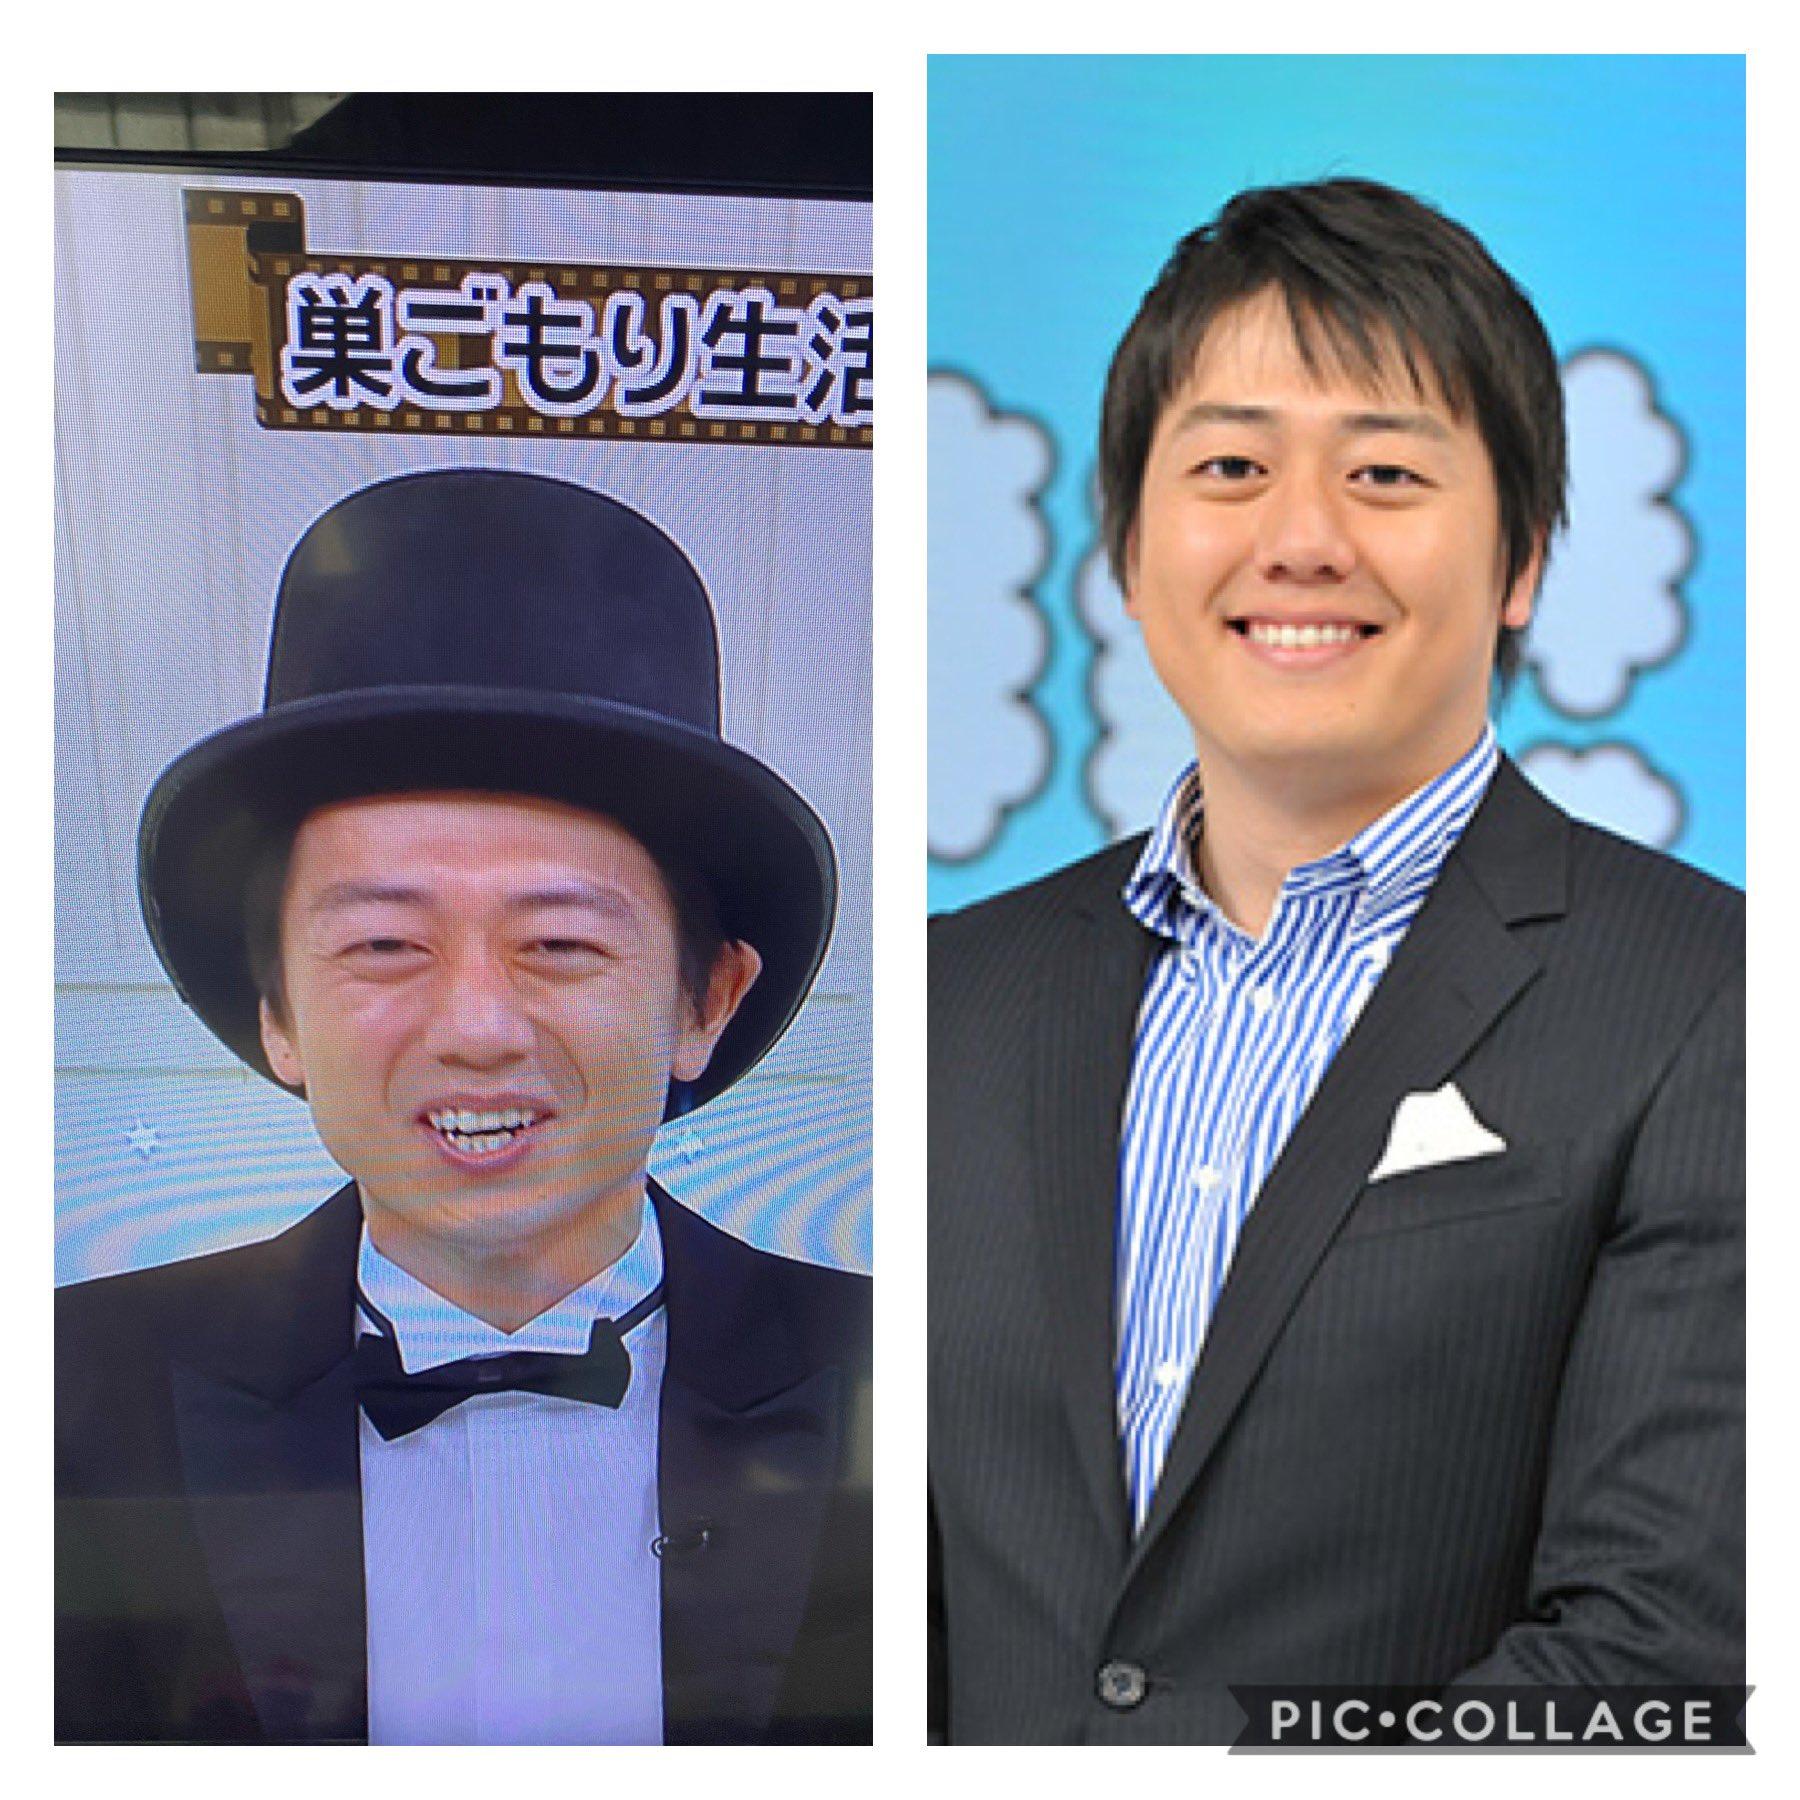 痩せ た アナウンサー 安村 スッキリ